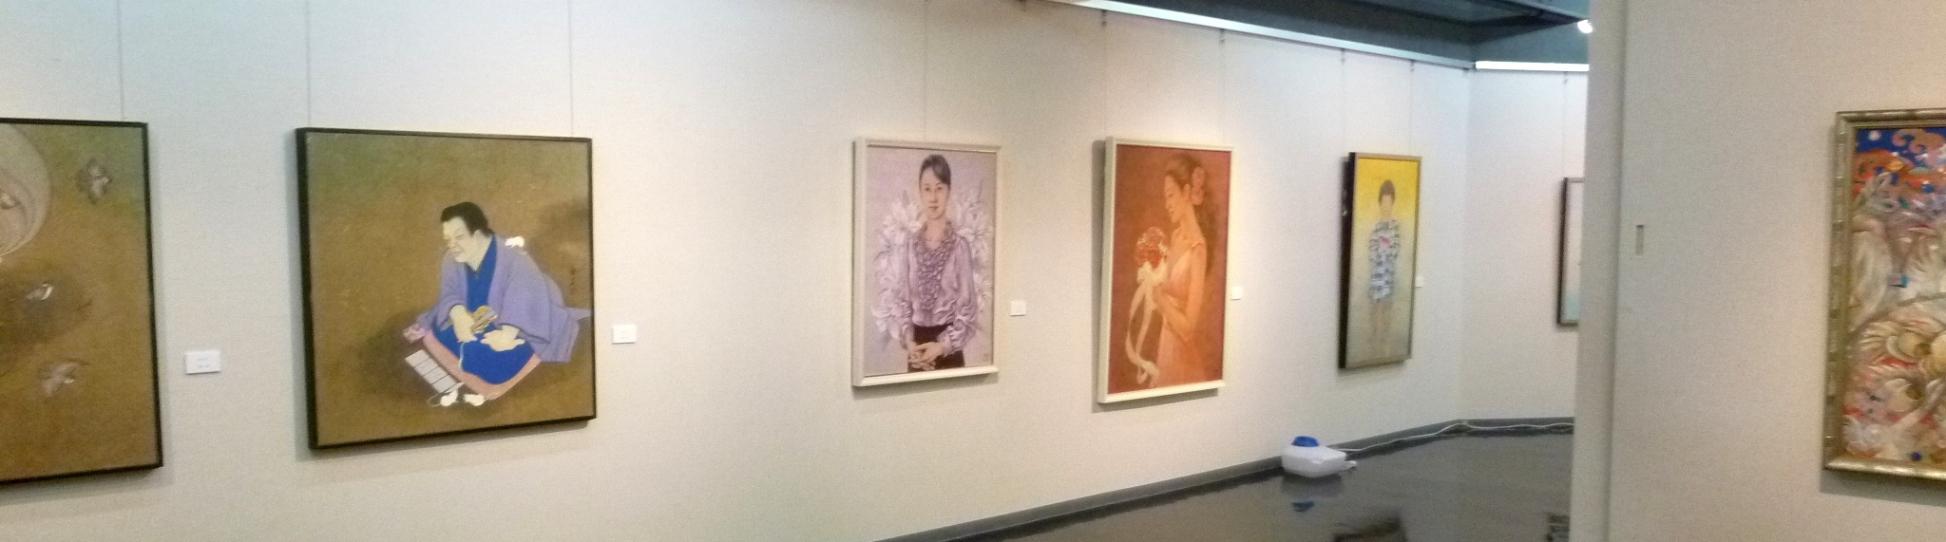 1565)②「北の日本画展 第26回」 時計台 終了5月16日(月)~5月21日(土) _f0126829_1916044.jpg